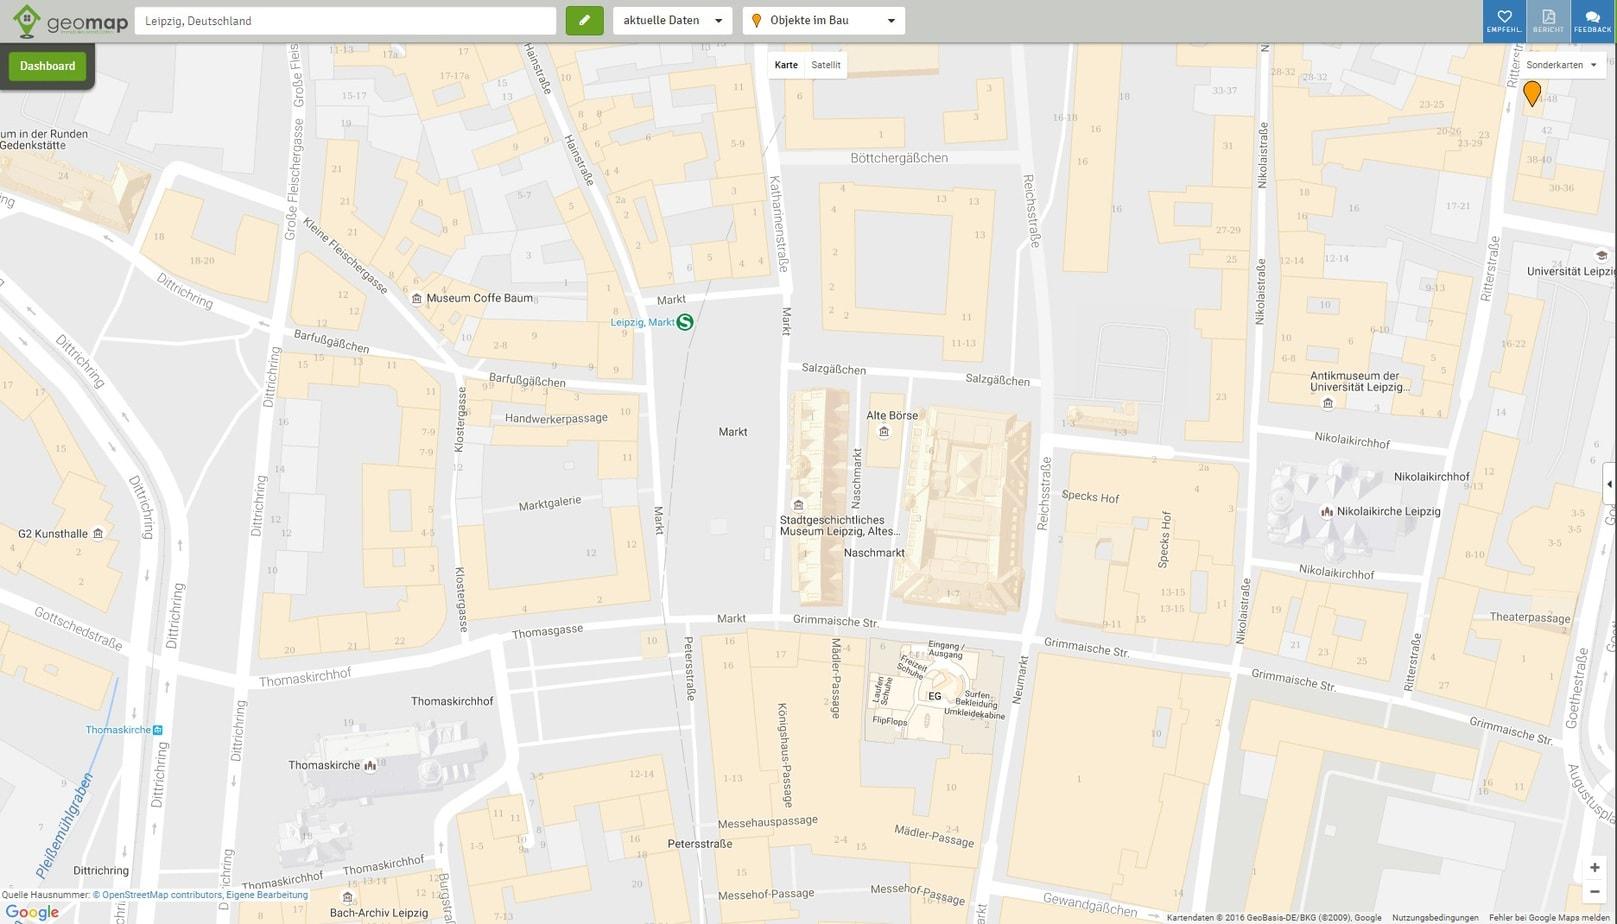 Karte Mit Hausnummern.Hausnummern Anzeige Geomap